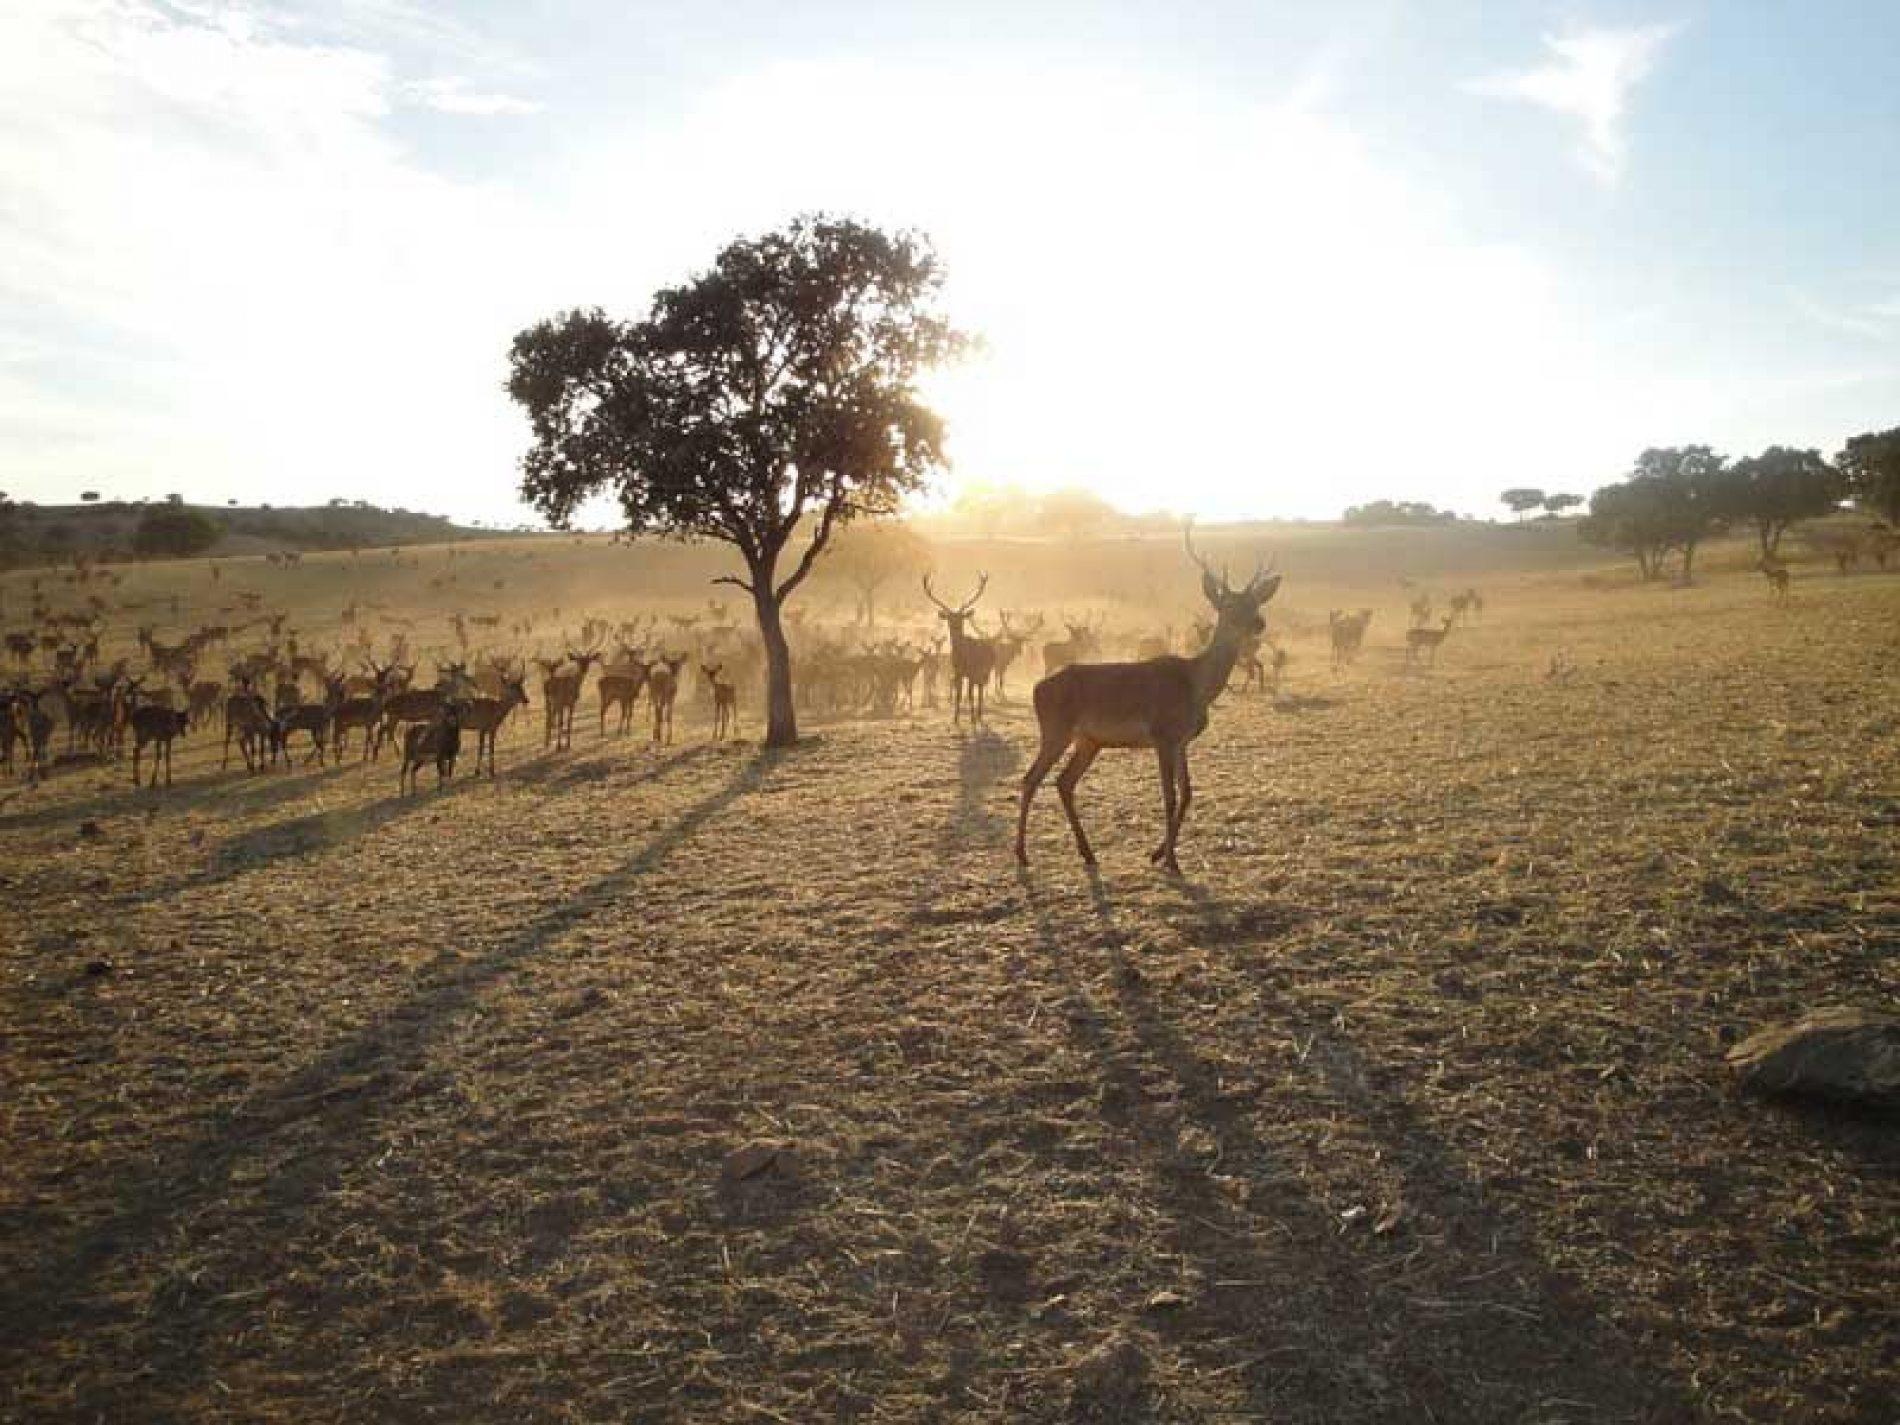 7 ventajas de la caza que los ecologistas no quieren oír